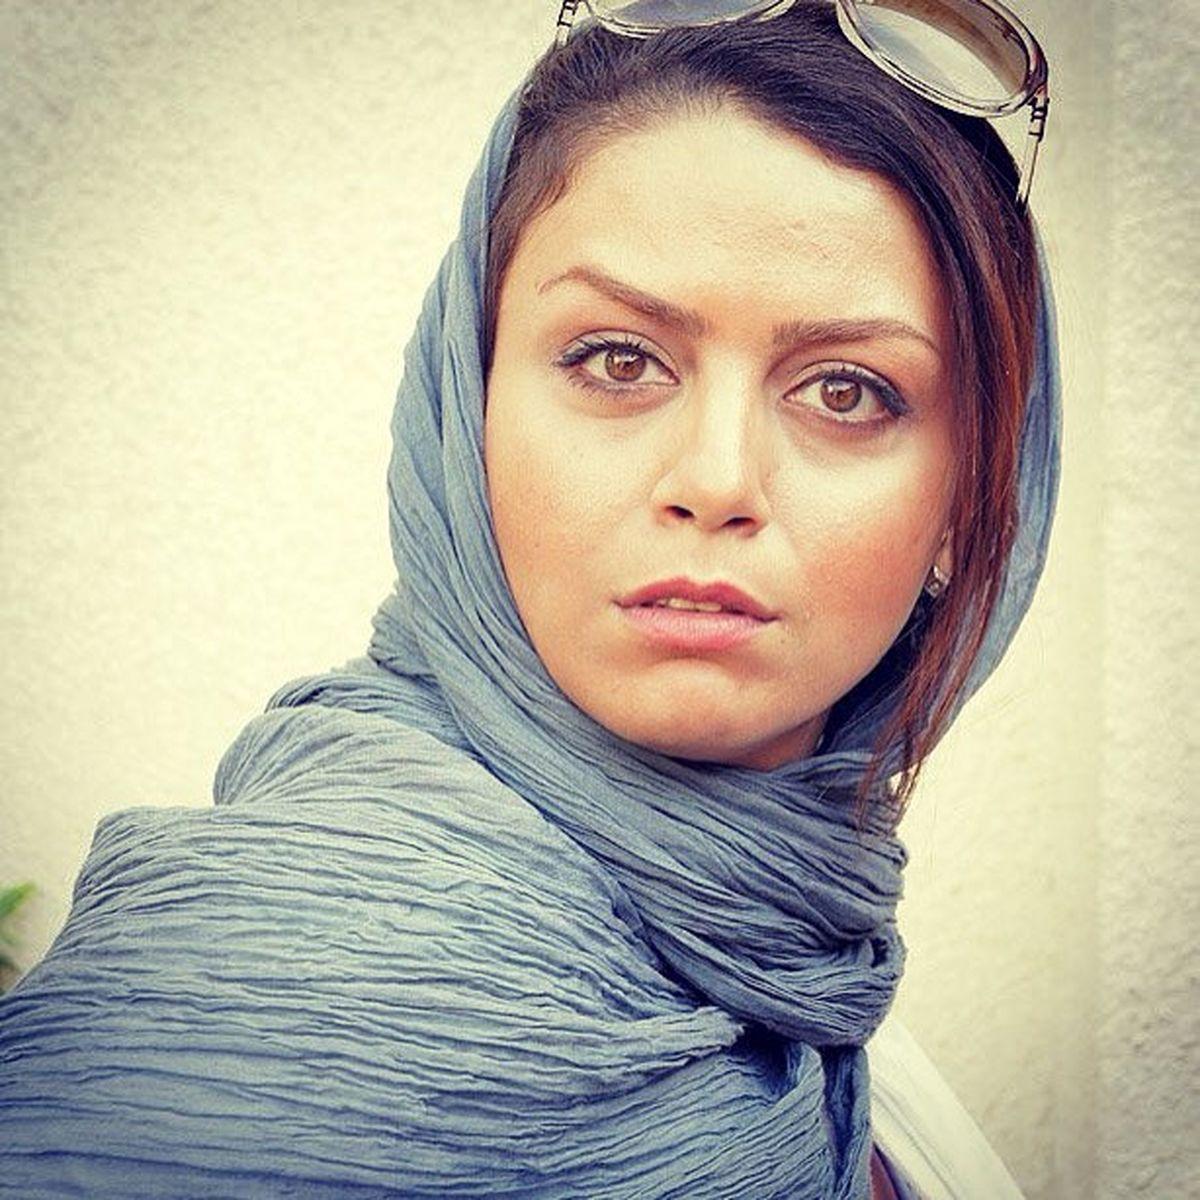 کاشان گردی شبنم فرشادجو + عکس